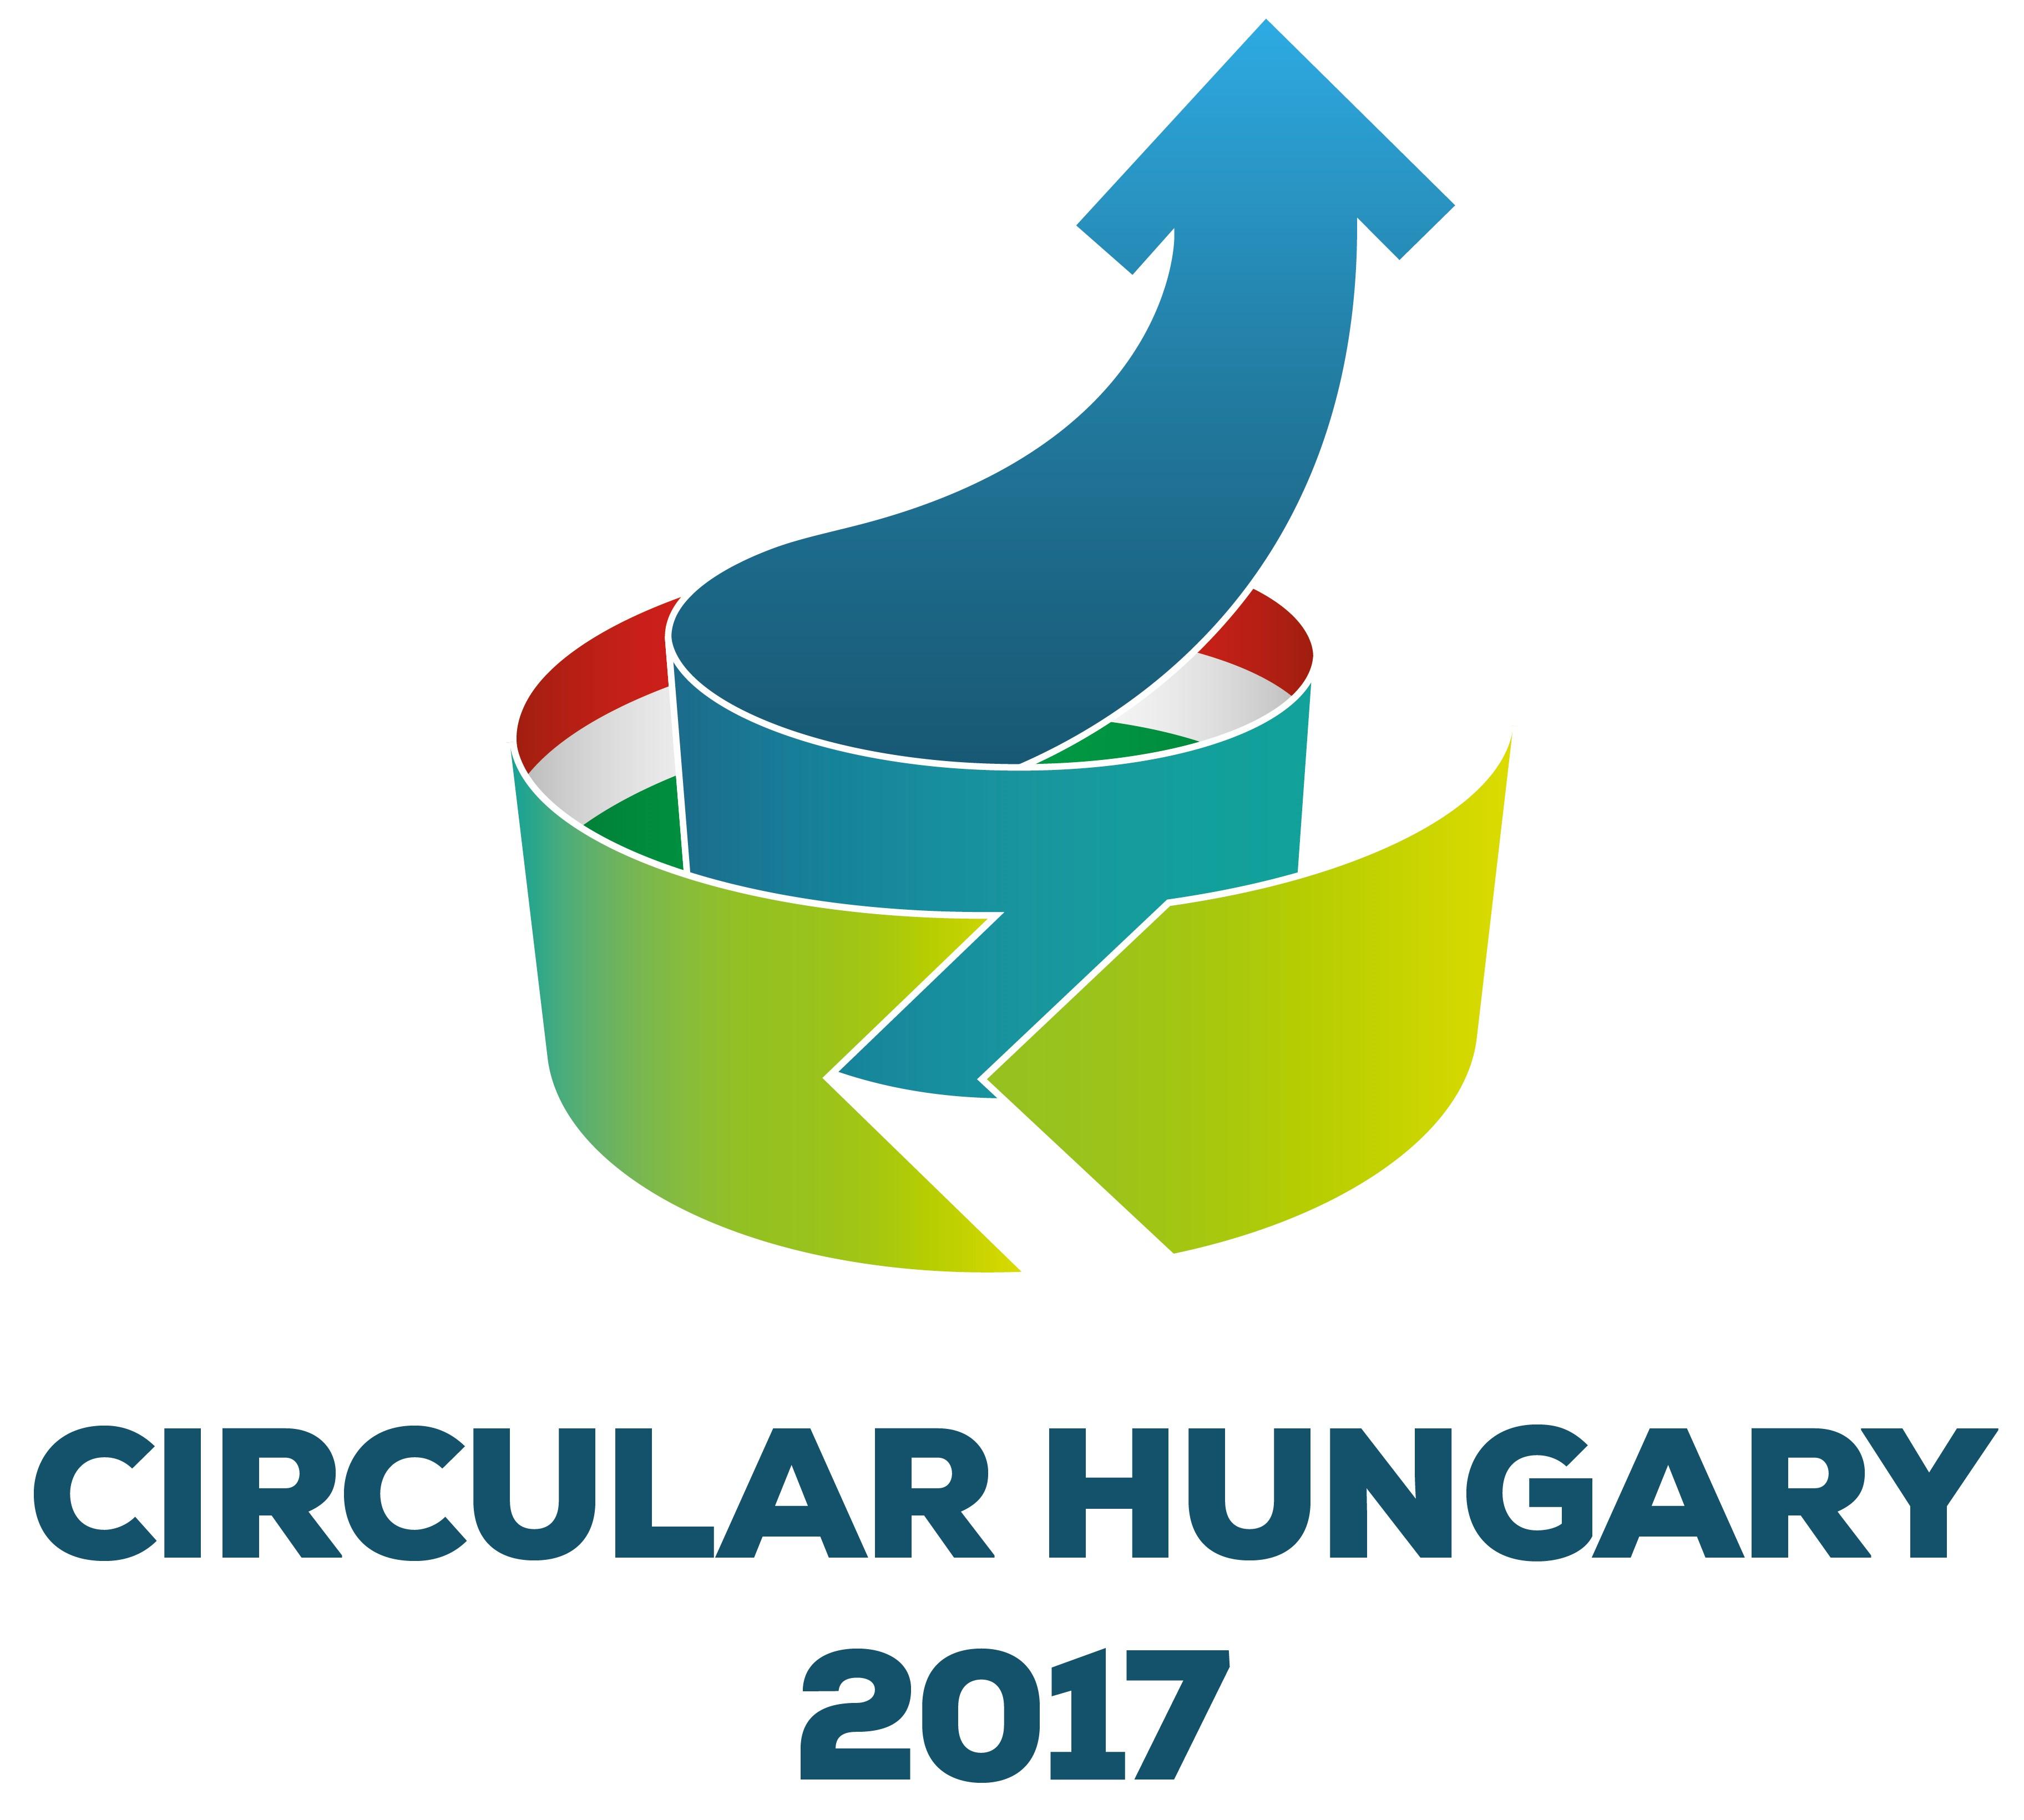 CH 2017 logo-02